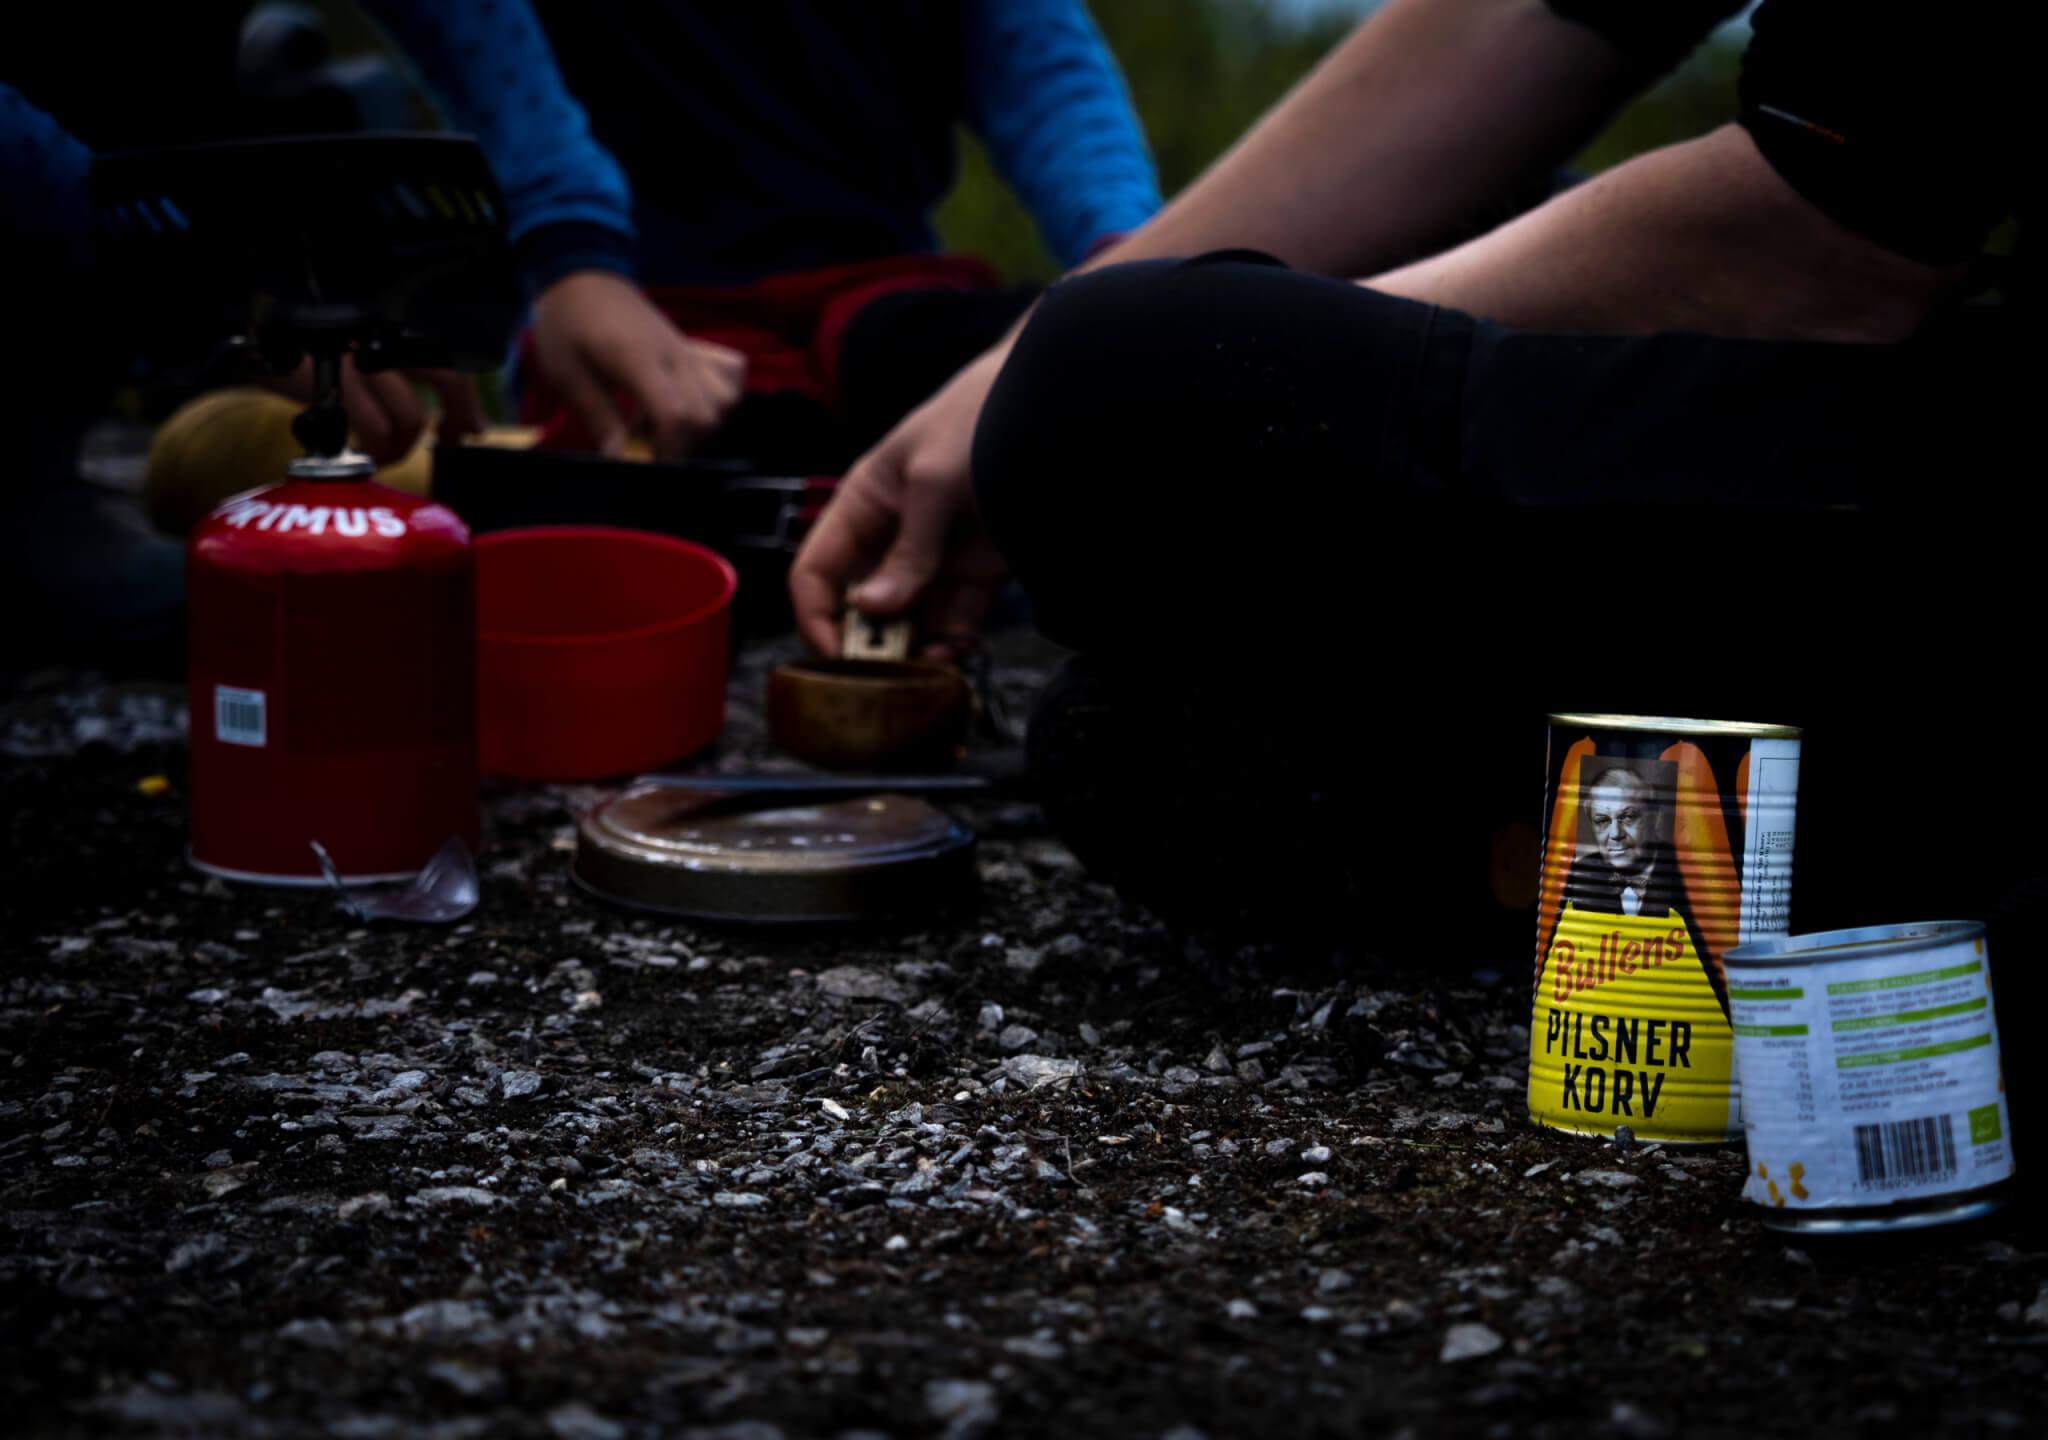 några personer sitter på marken vid ett gasolkök. En bullens pilsnerkorv-burk syns i förgrunden till höger.